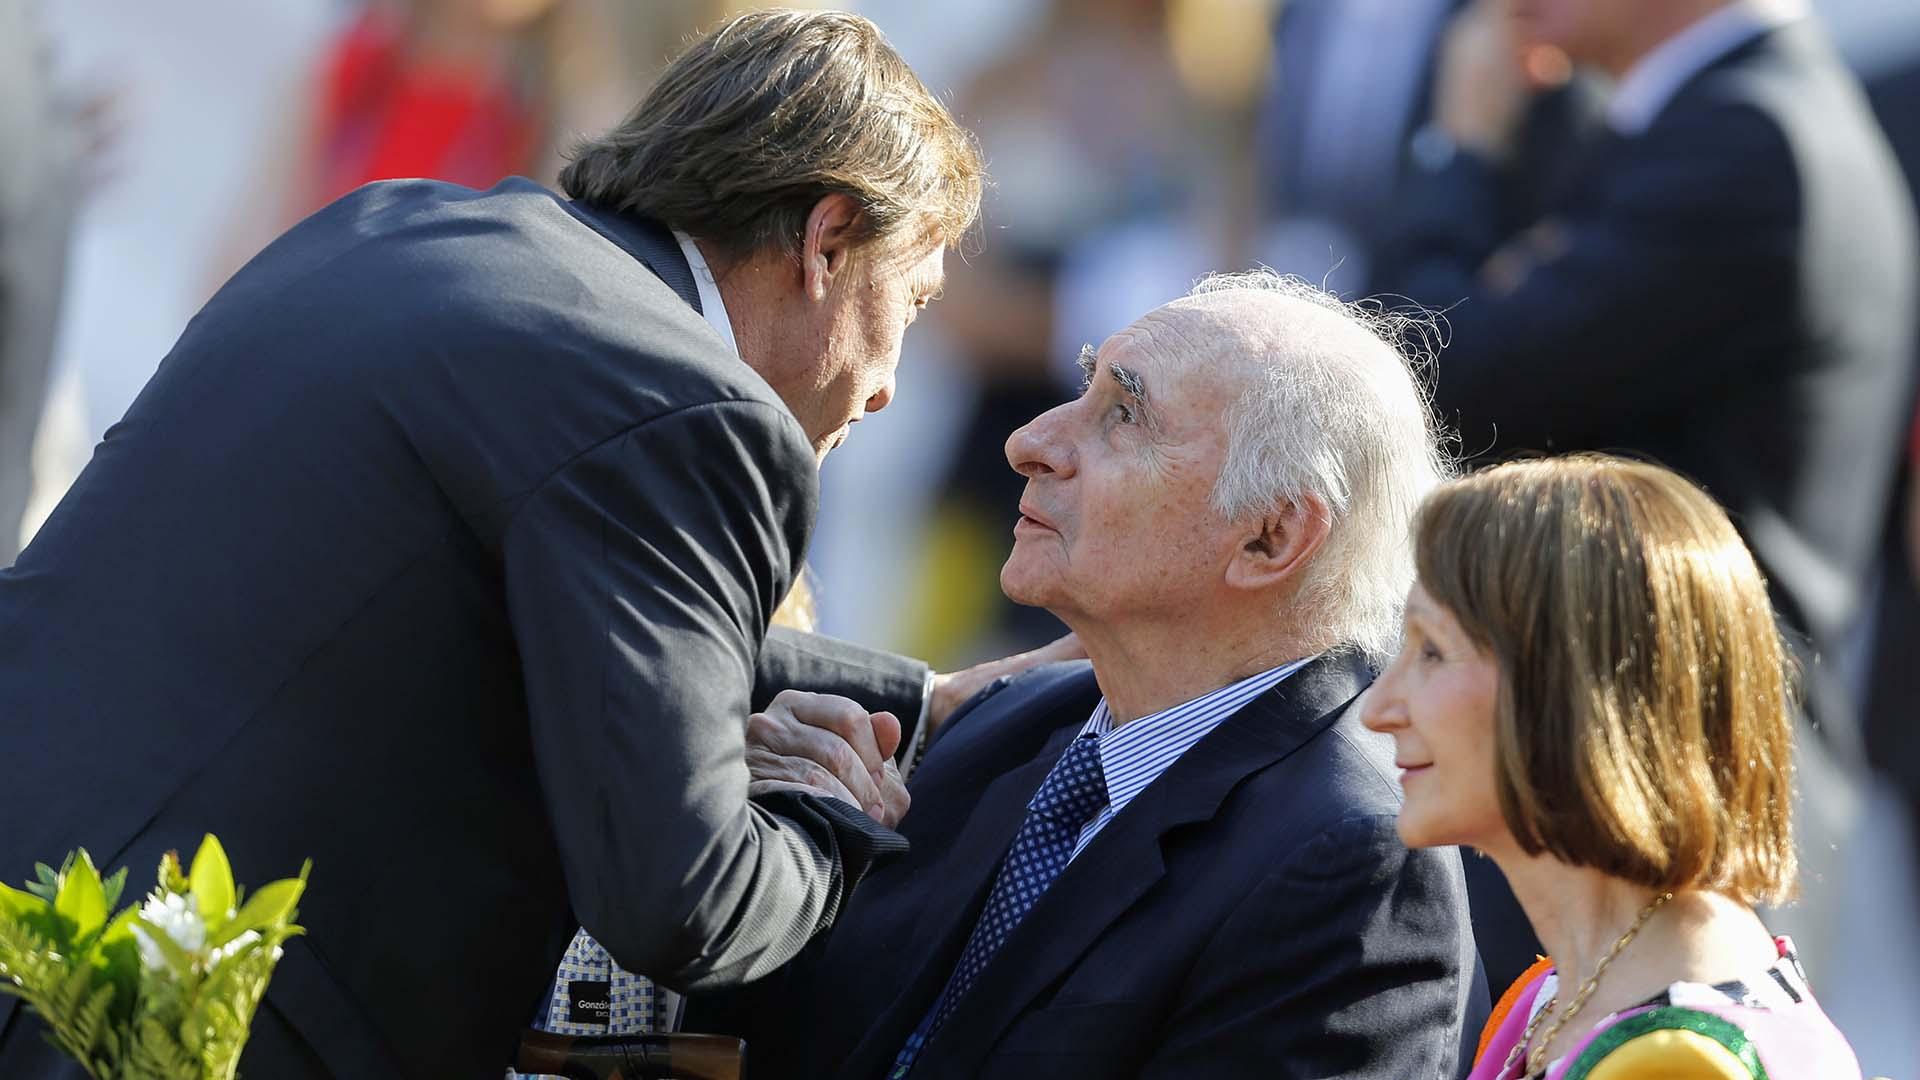 El ex presidente en uno de los actos oficiales que se realizaron en el marco del reciente G20. Participó, por ejemplo, en la gala del Teatro Colón